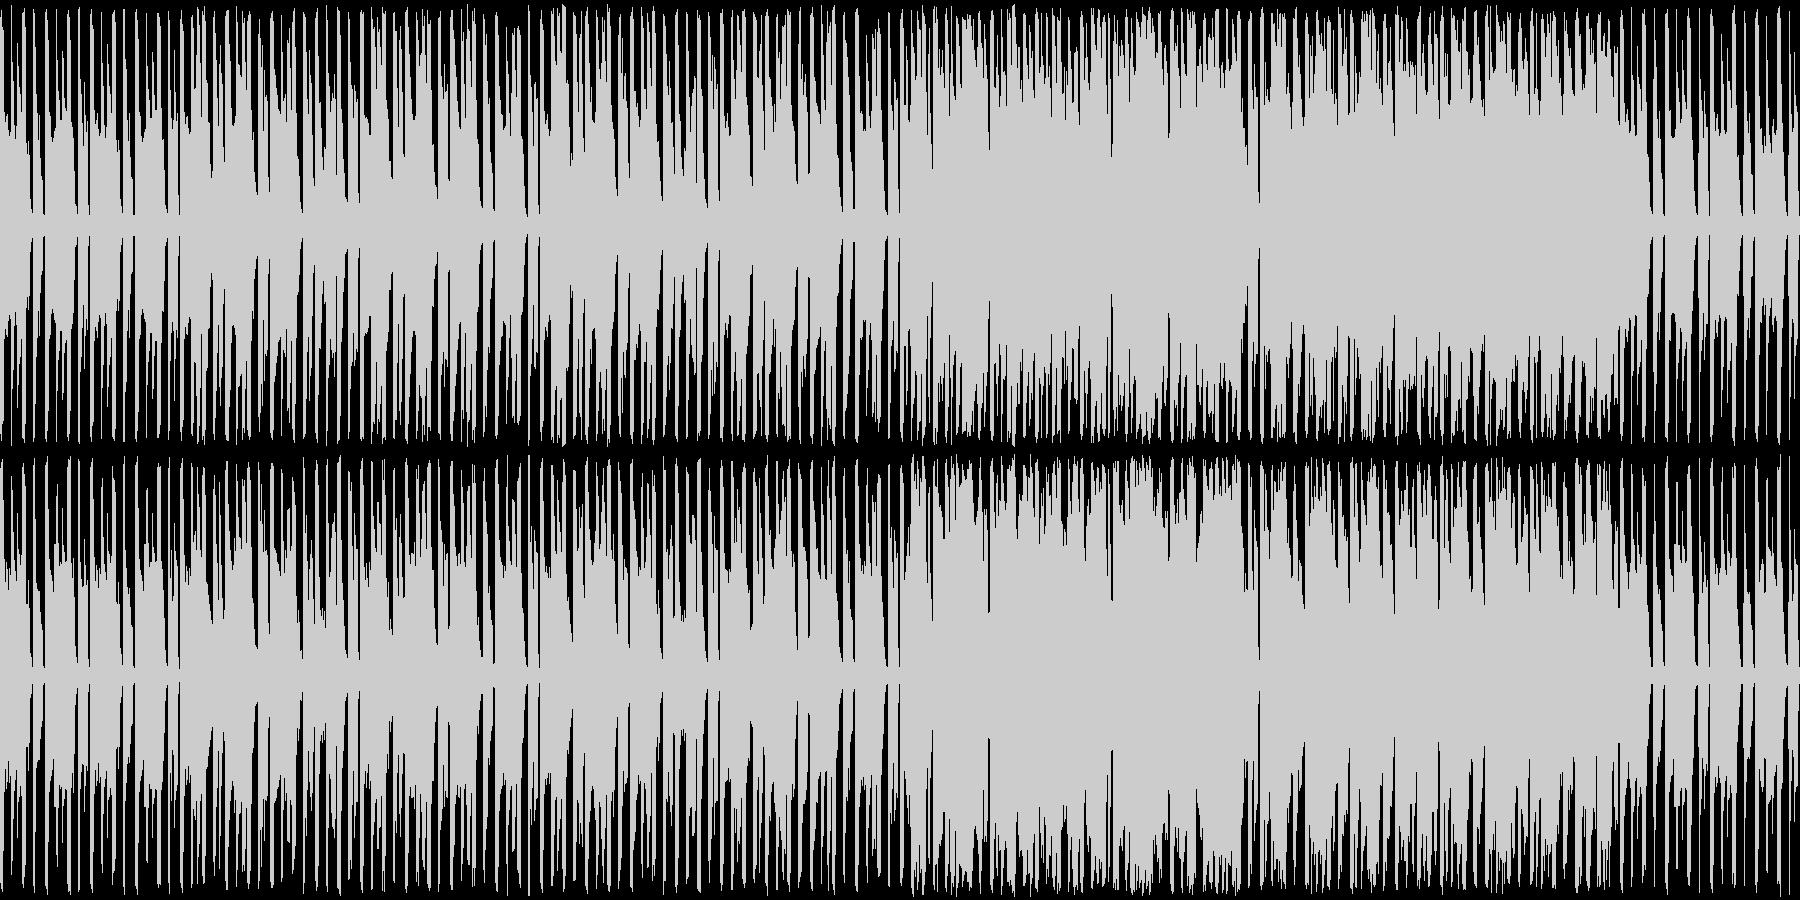 のんびりほのぼのなとのさま蛙のような楽曲の未再生の波形